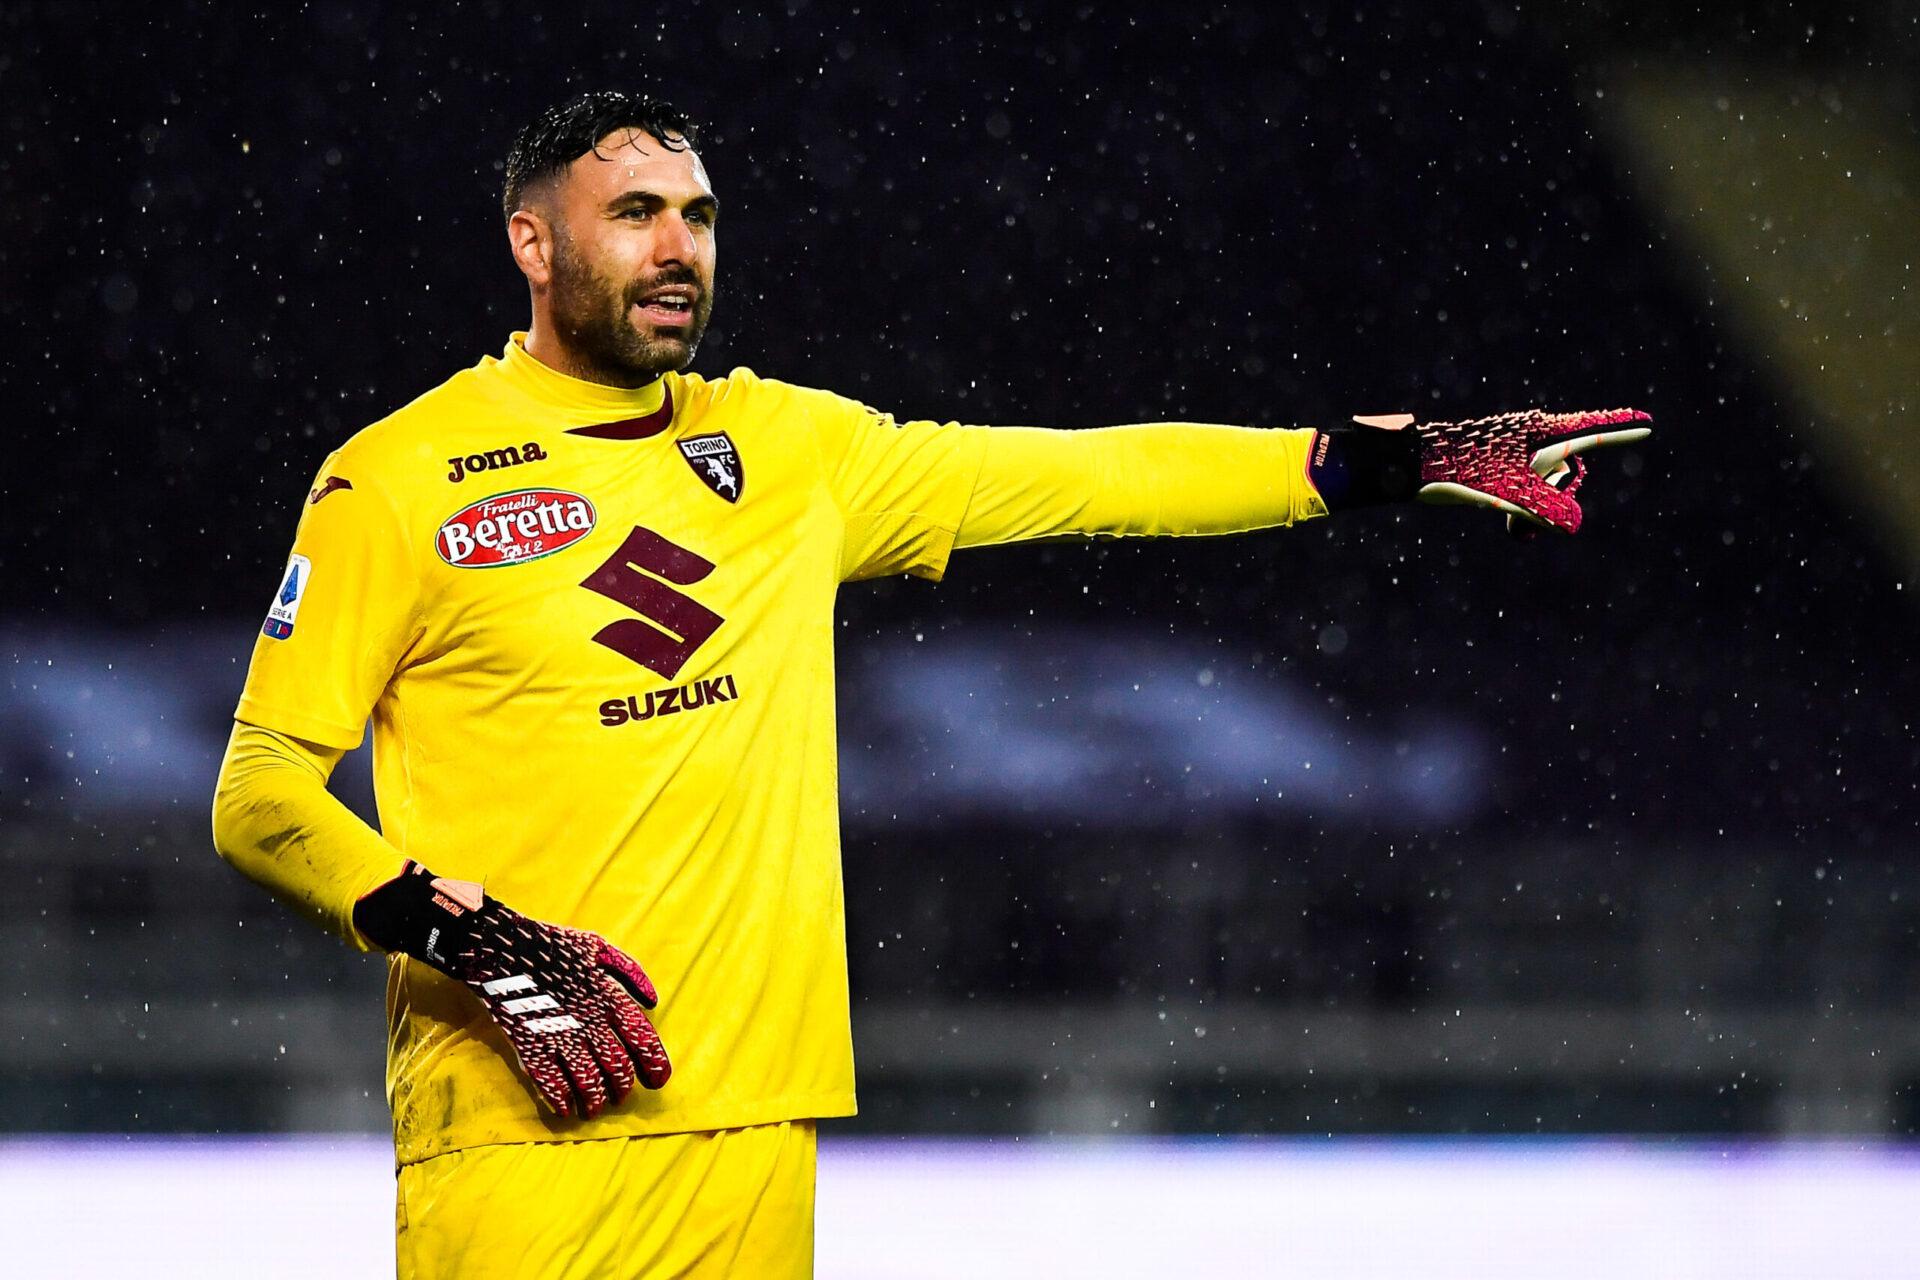 Sirigu aura passé 4 saisons au Torino qu'il avait rejoint depuis Paris. À Gênes, il prend la suite de Mattia Perin, de retour de prêt à la Juventus (iconsport)